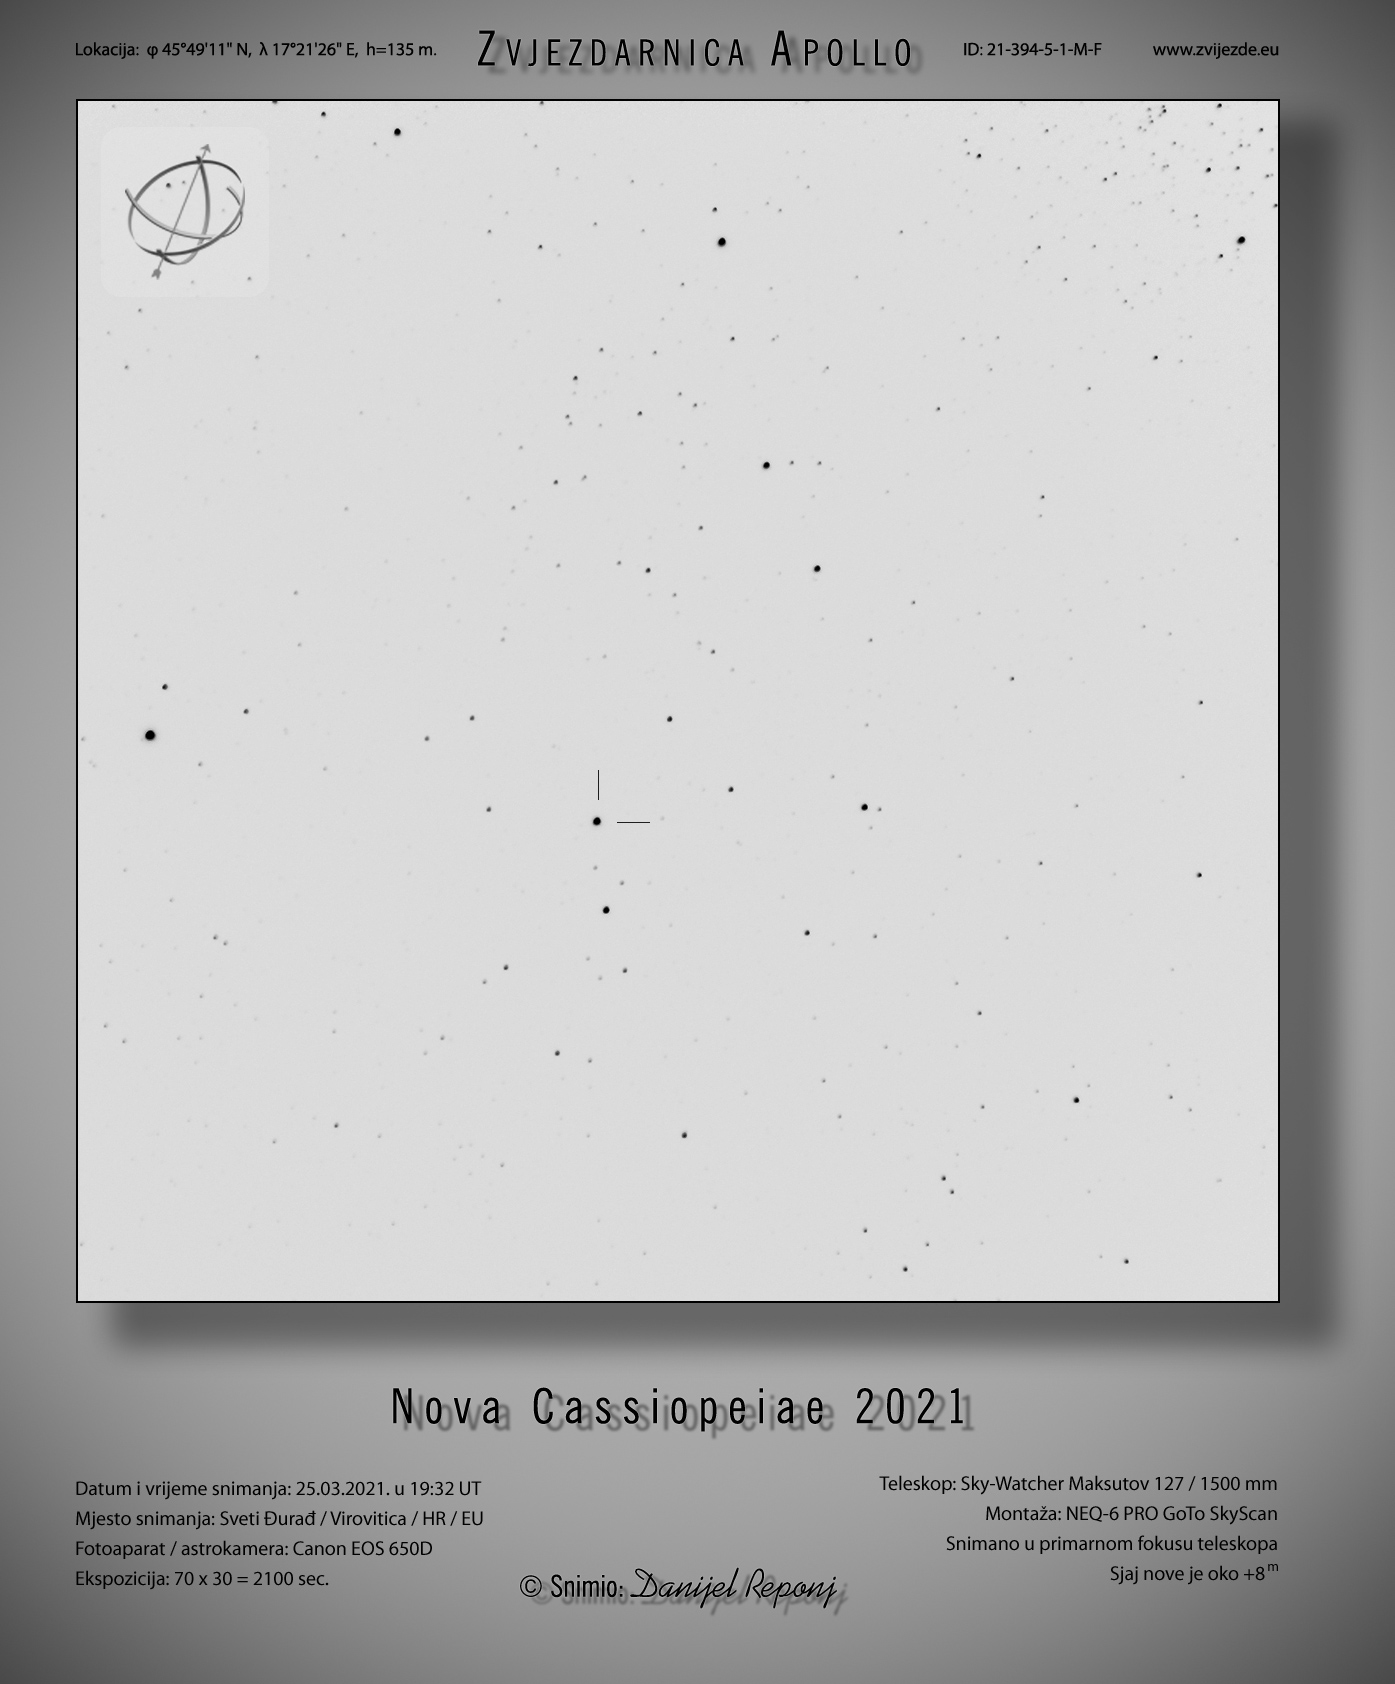 Nova Cassiopeiae - inverzni snimak